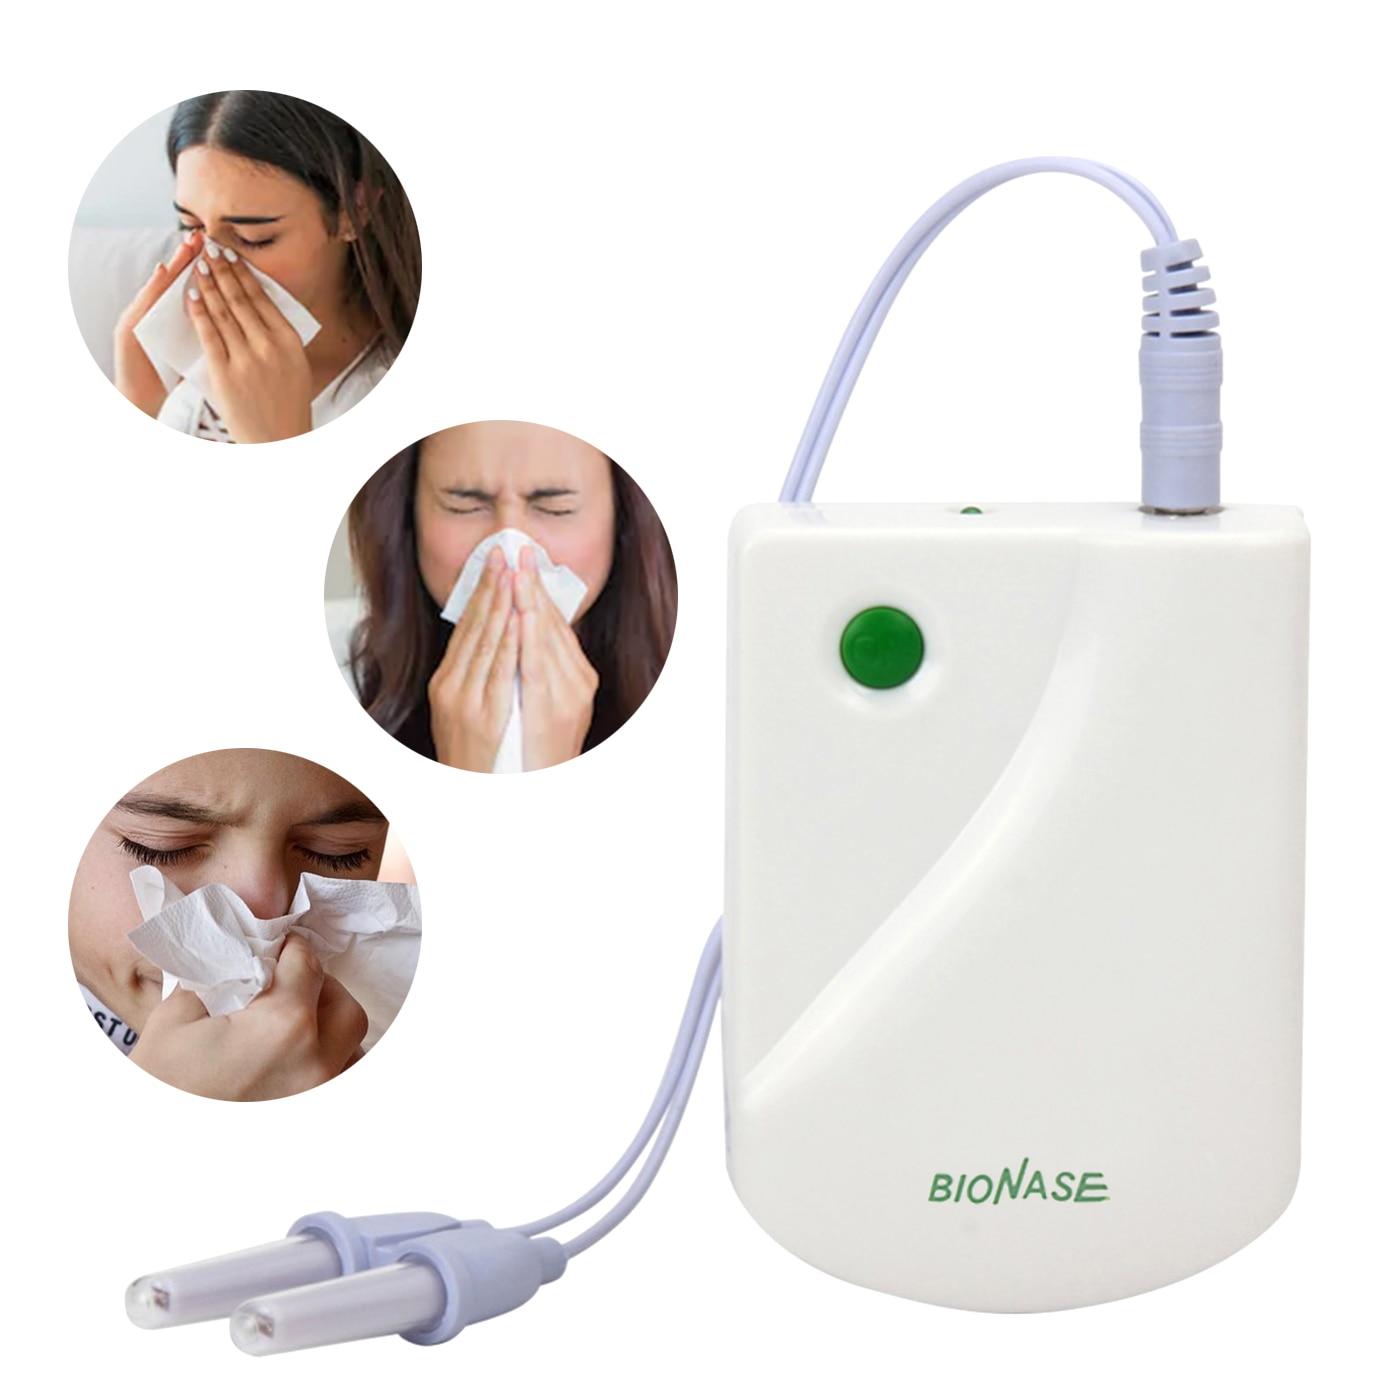 الأنف تدليك الأنف Bionase الأنف الأنف الأنف جهاز علاج سلك الليزر القش حمى منخفضة التردد نبض الليزر الأنف مدلك